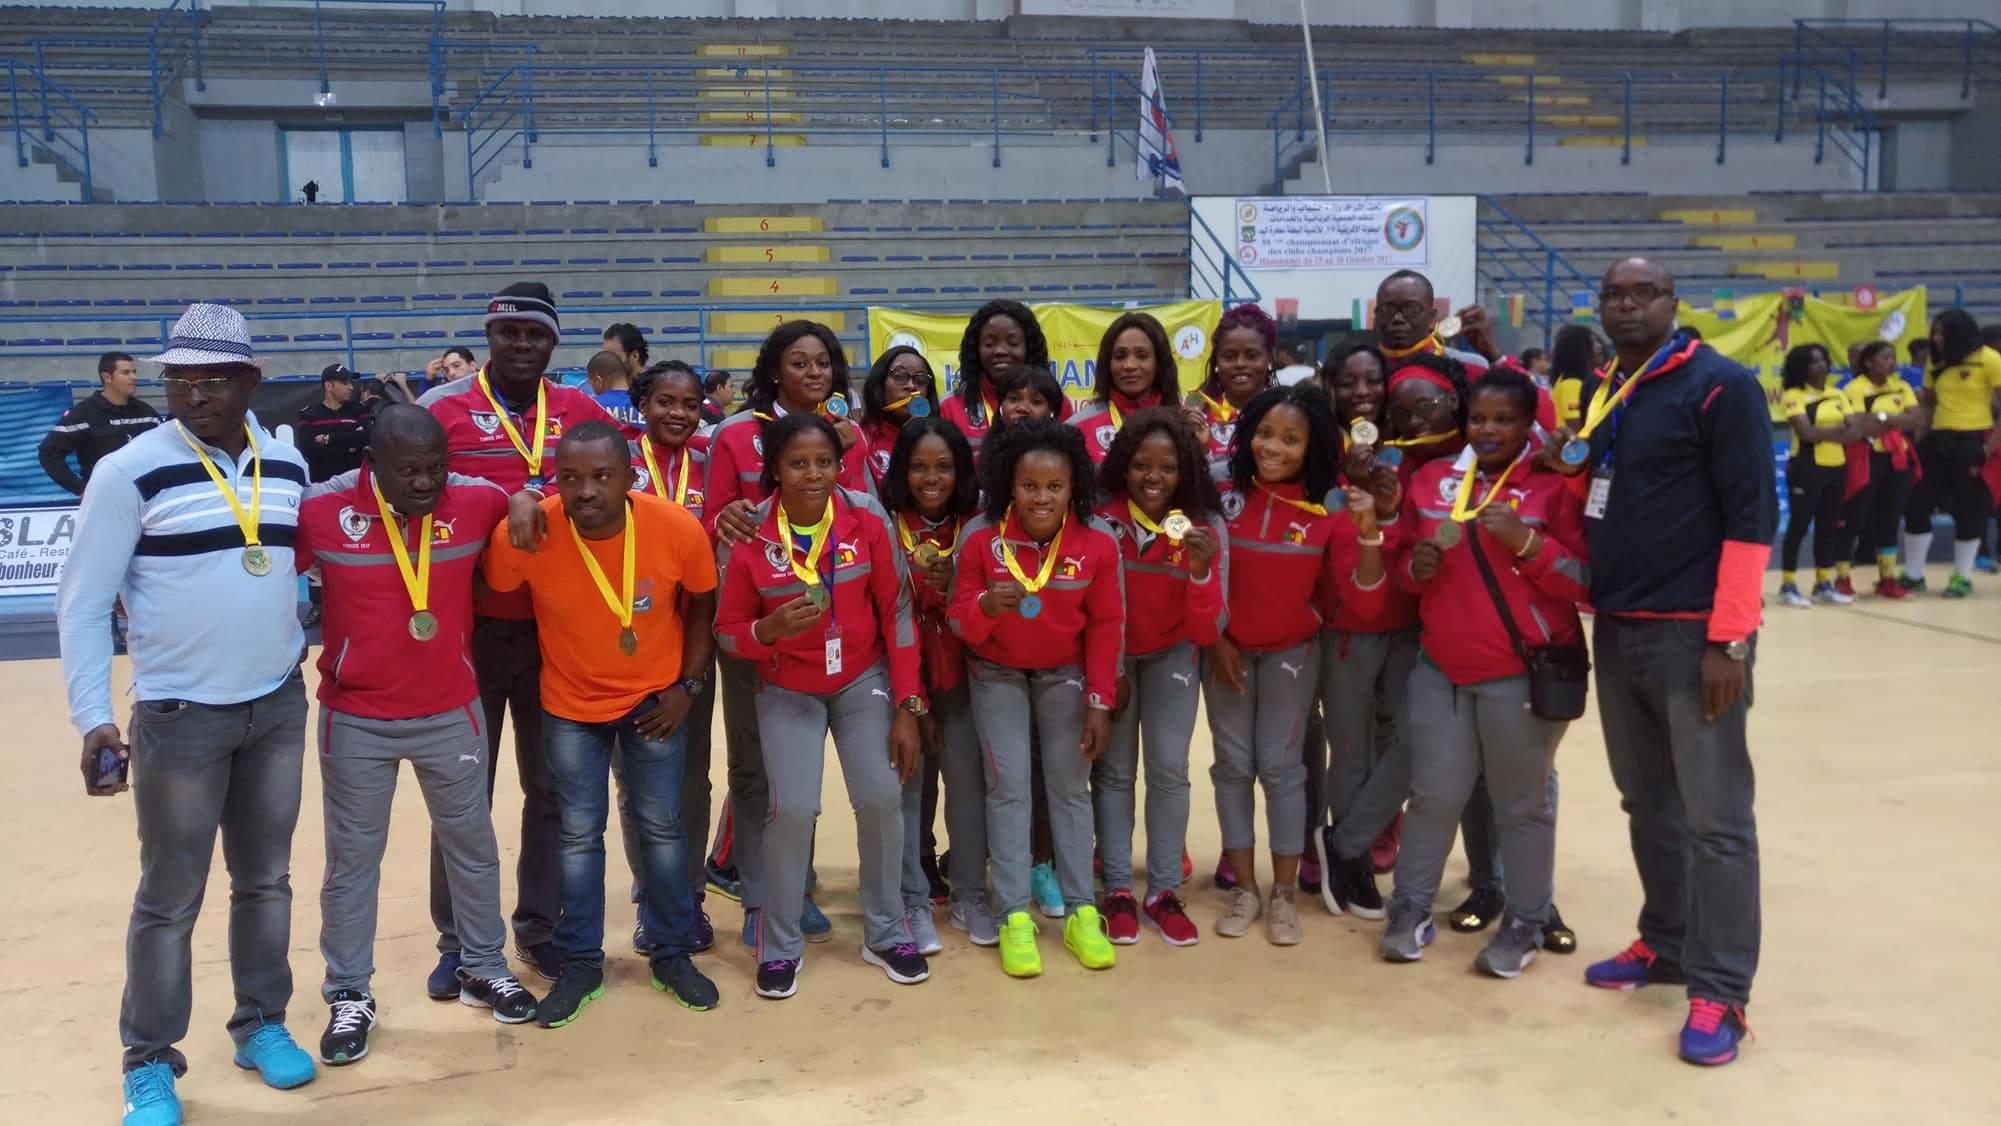 Coupe d afrique des clubs champions de handball dames fap du cameroun remporte la m daille de - Coupe d afrique handball ...